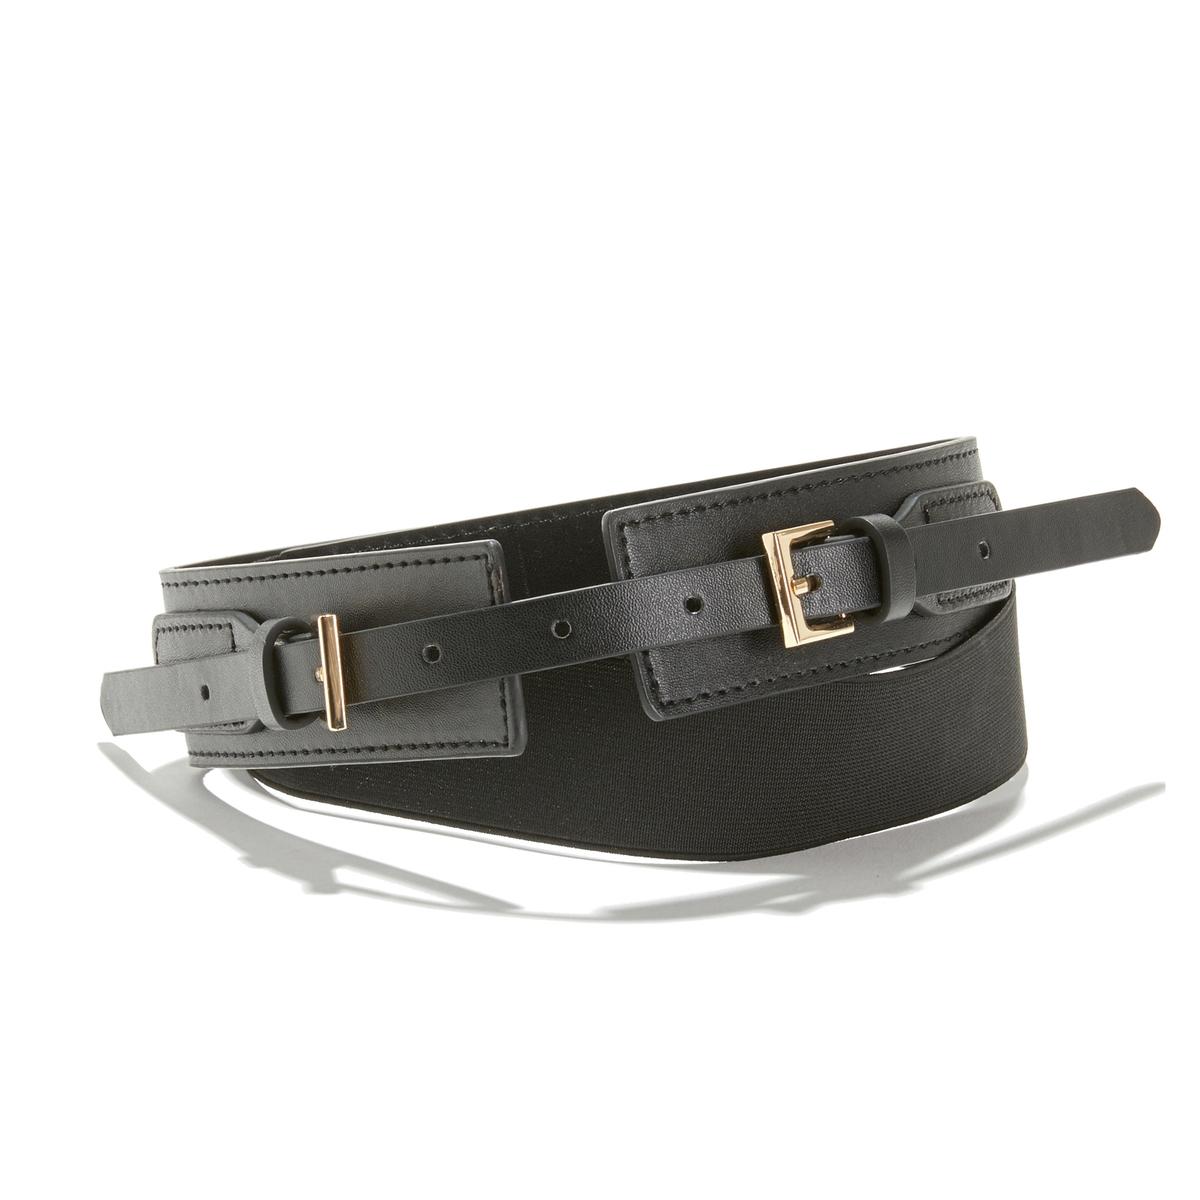 Cinturón ancho con doble hebilla